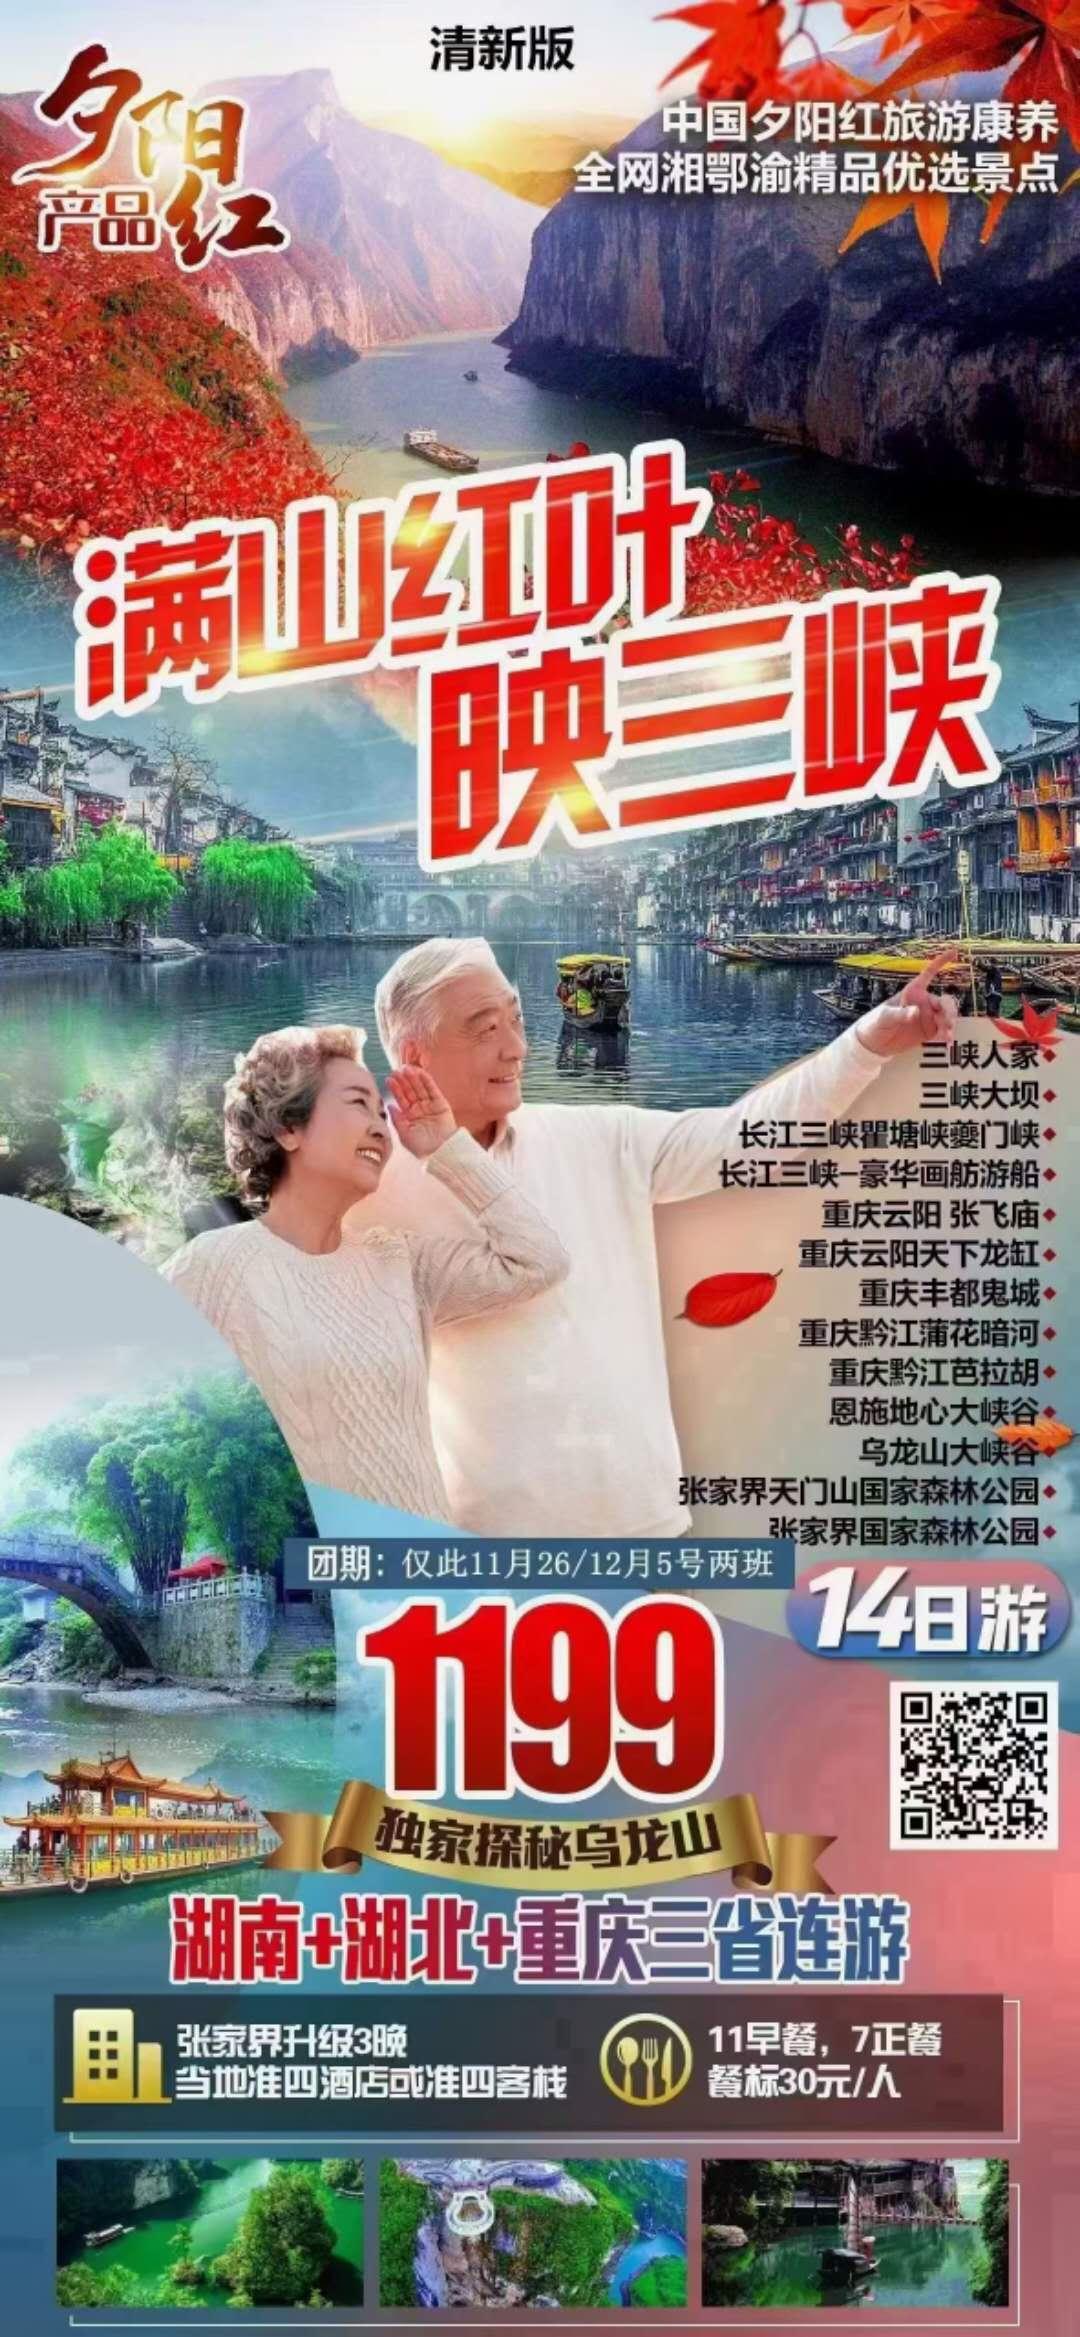 湖南湖北重庆